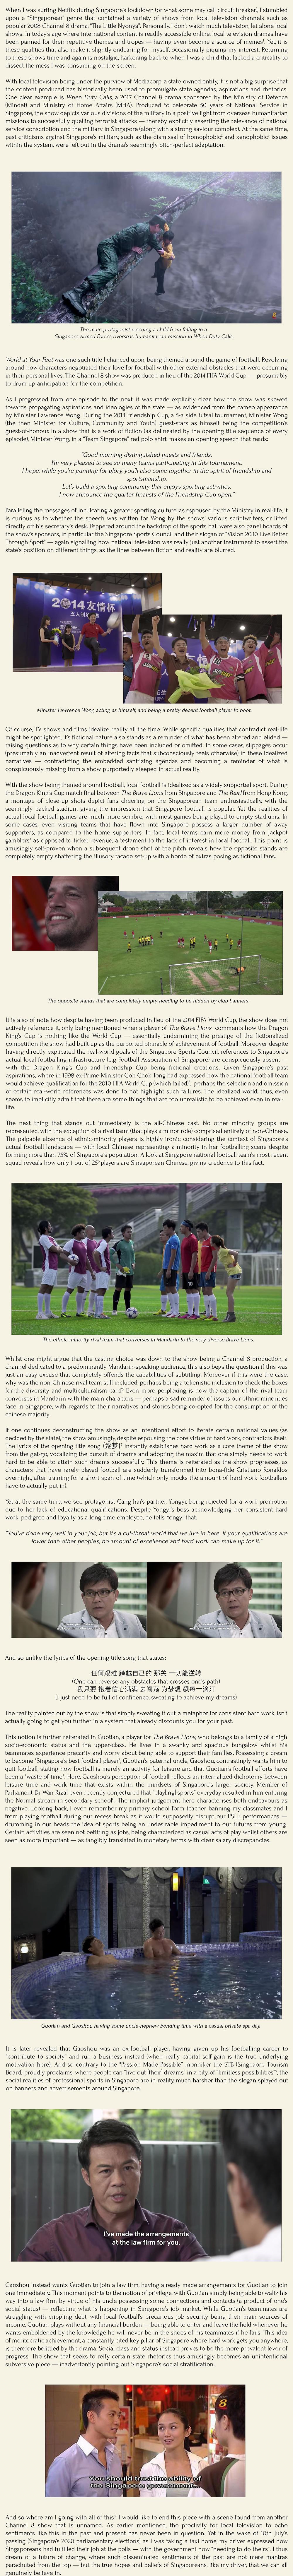 blurb magazine. blurbmag. Anatomy of a Channel 8 Drama. Jia Yang Kwok. Opinion. @blurb.mag